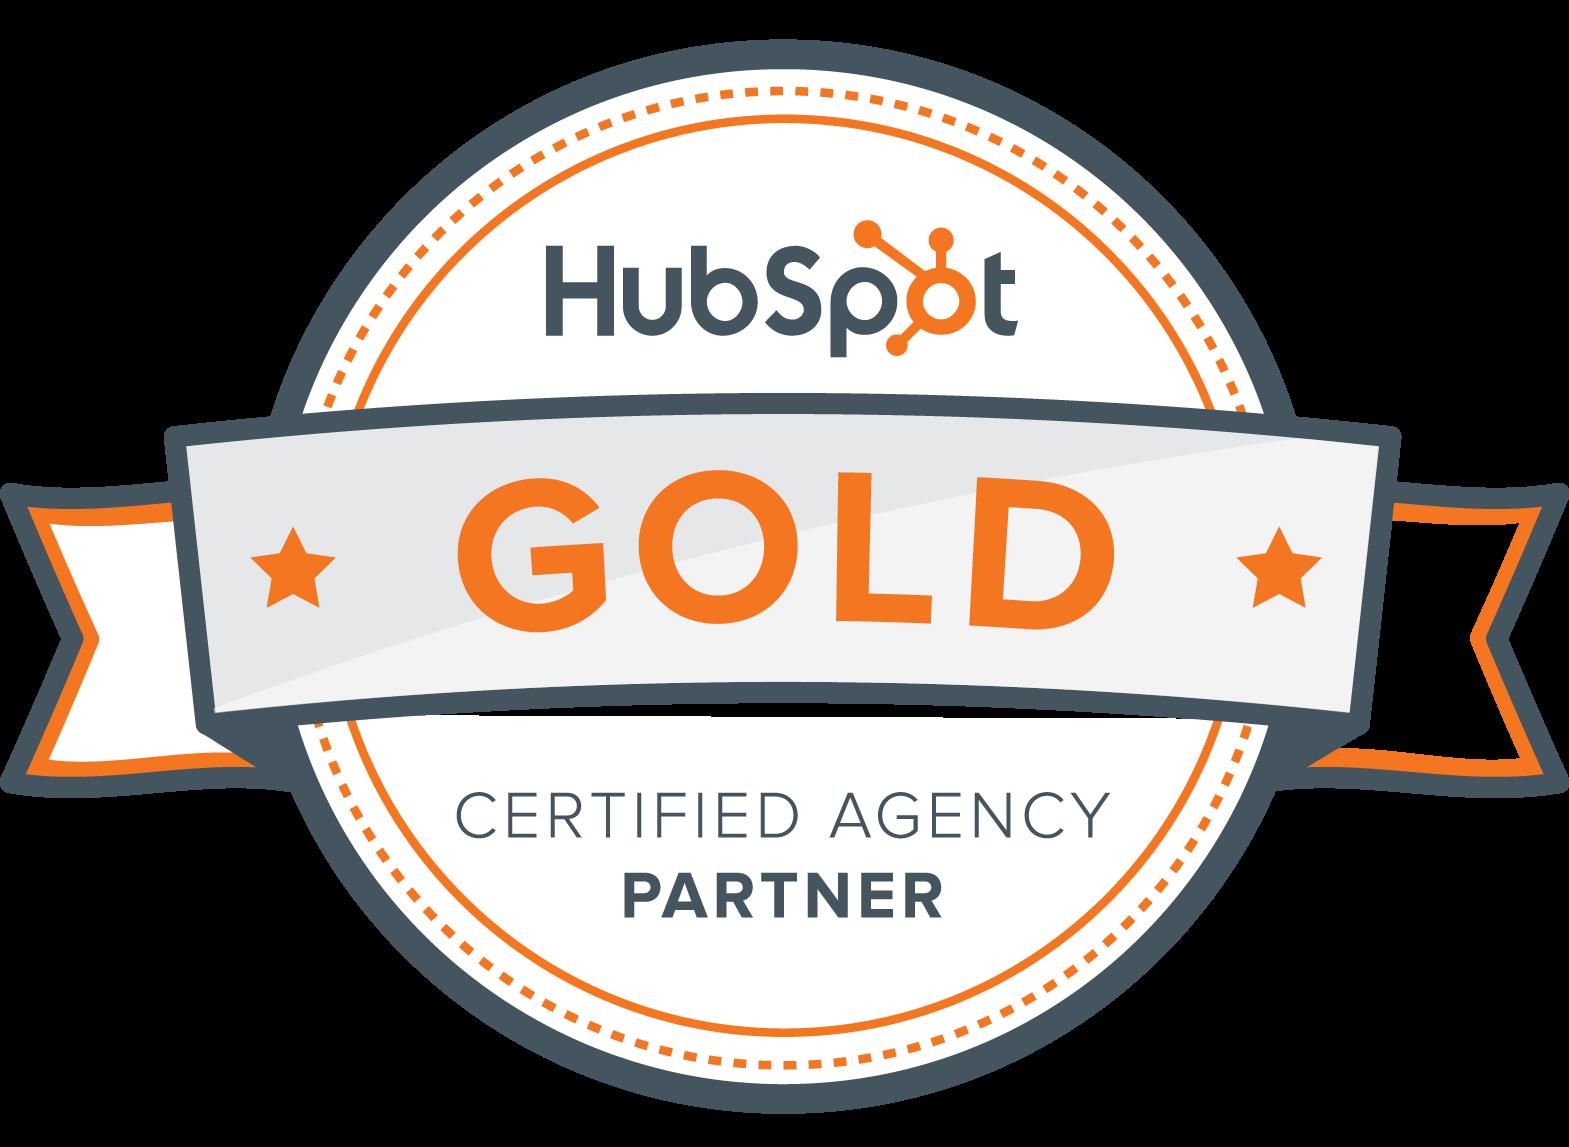 Gold Hubspot Partner